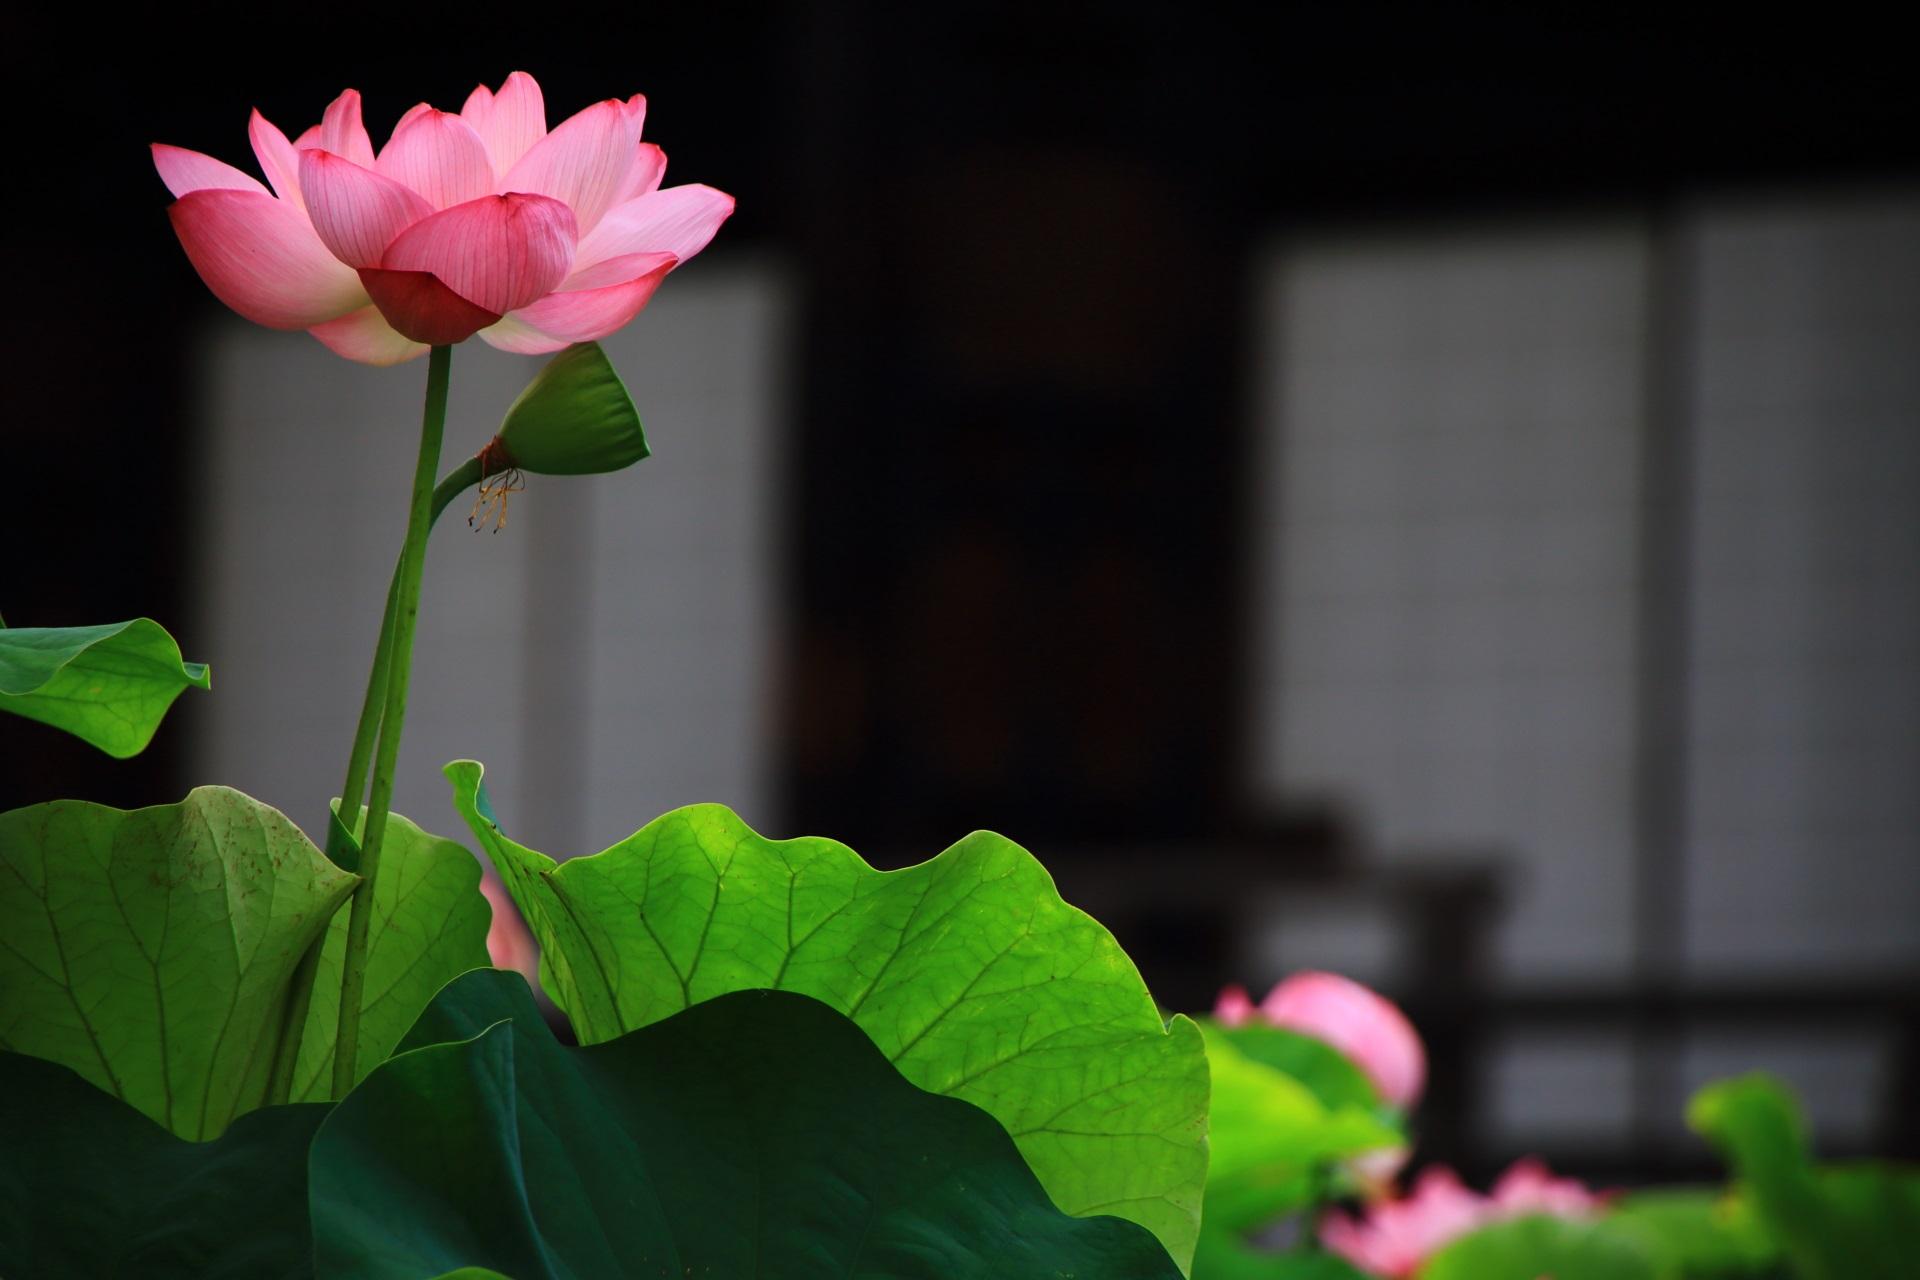 古風な雰囲気がする大谷本廟の蓮の花と仏殿